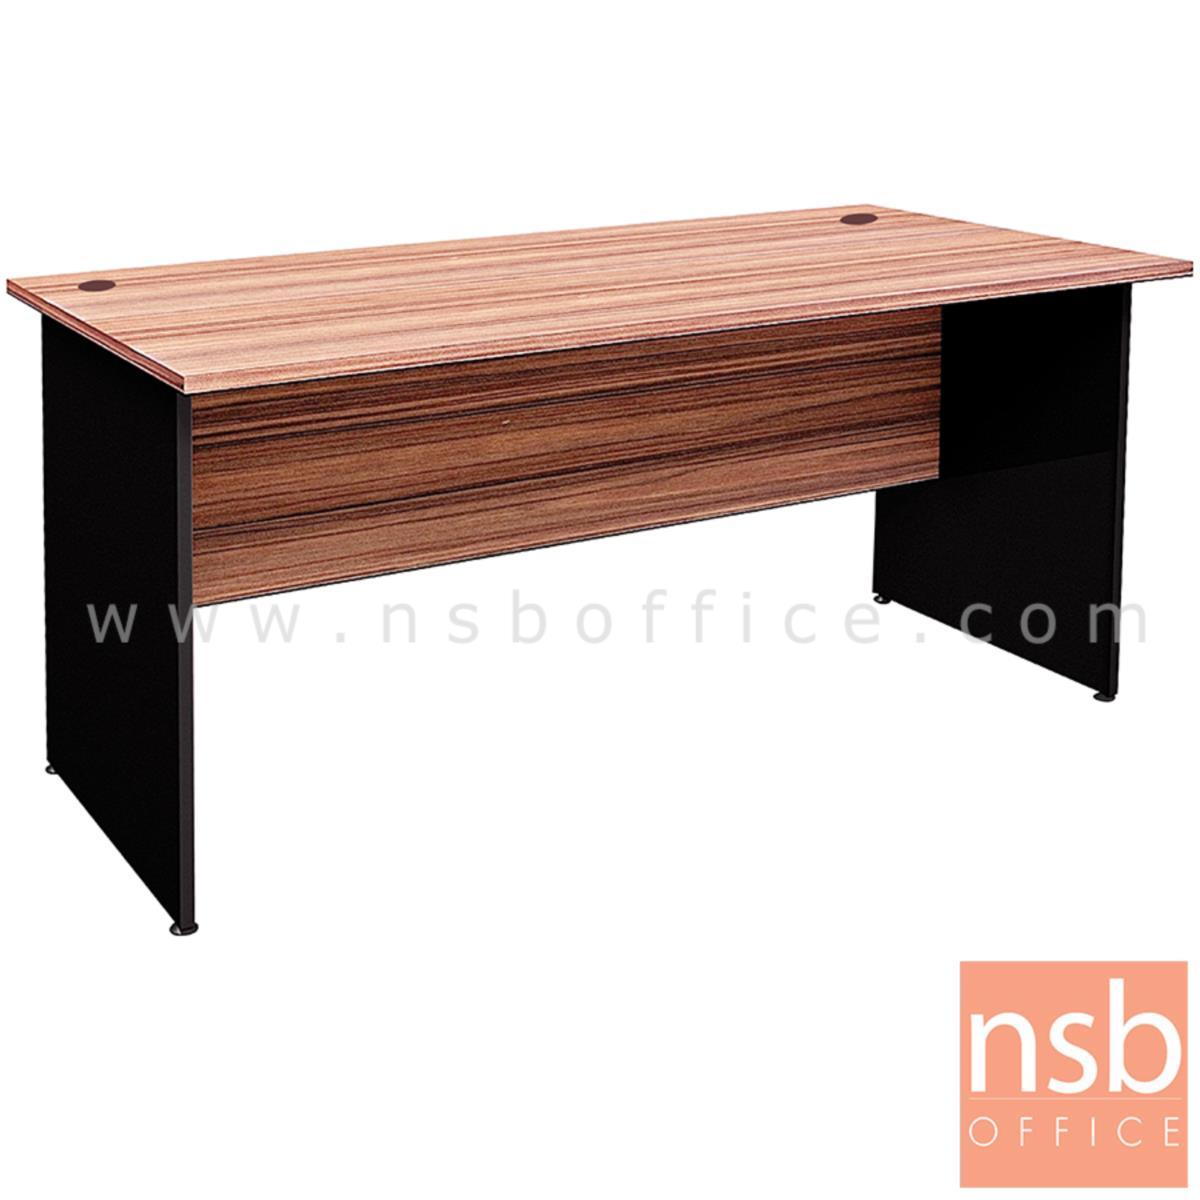 A33A063:โต๊ะทำงานโล่ง  รุ่น Marten (มาร์เทน) ขนาด 160W cm. เมลามีน สีวอลนัทตัดดำ